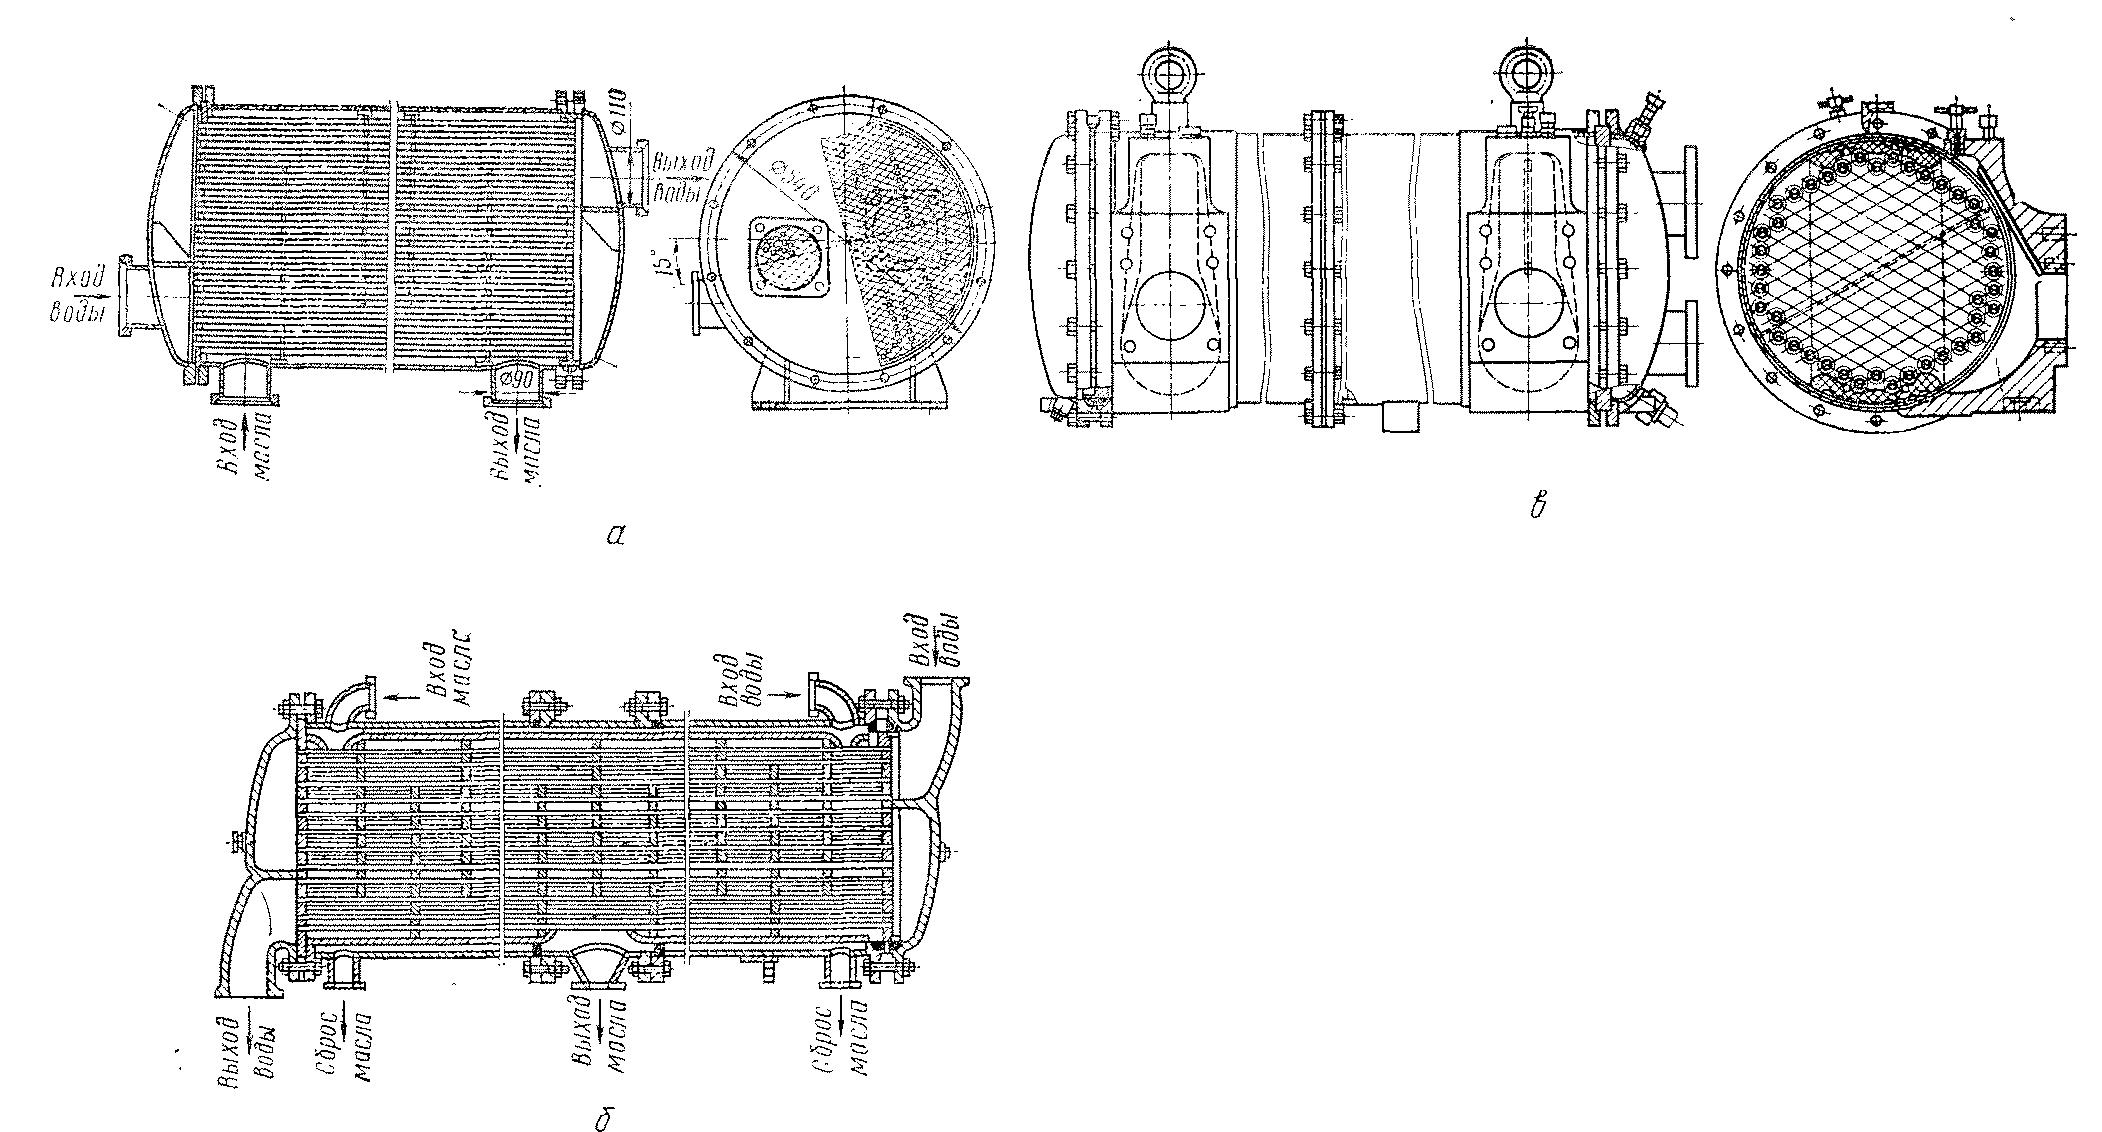 схема системы охлаждения тепловоза 2тэ10мк